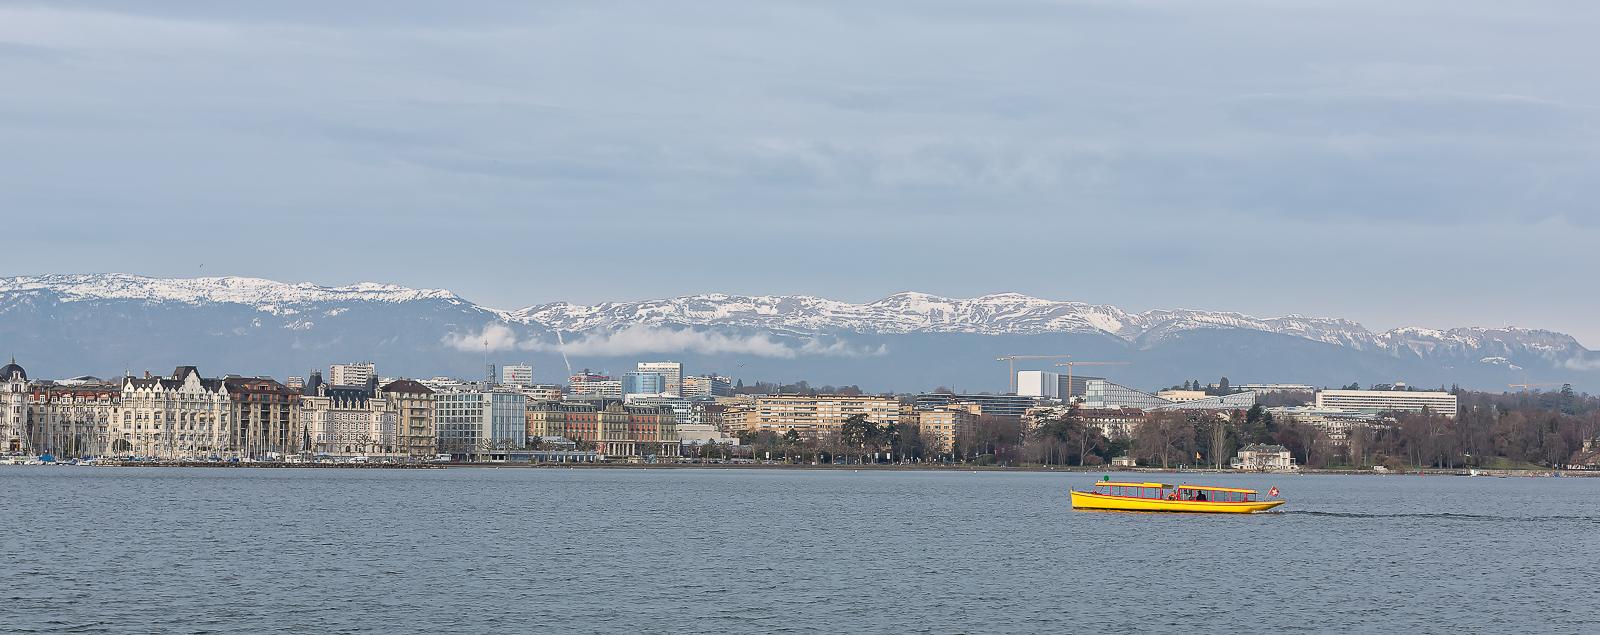 Balade à Genève